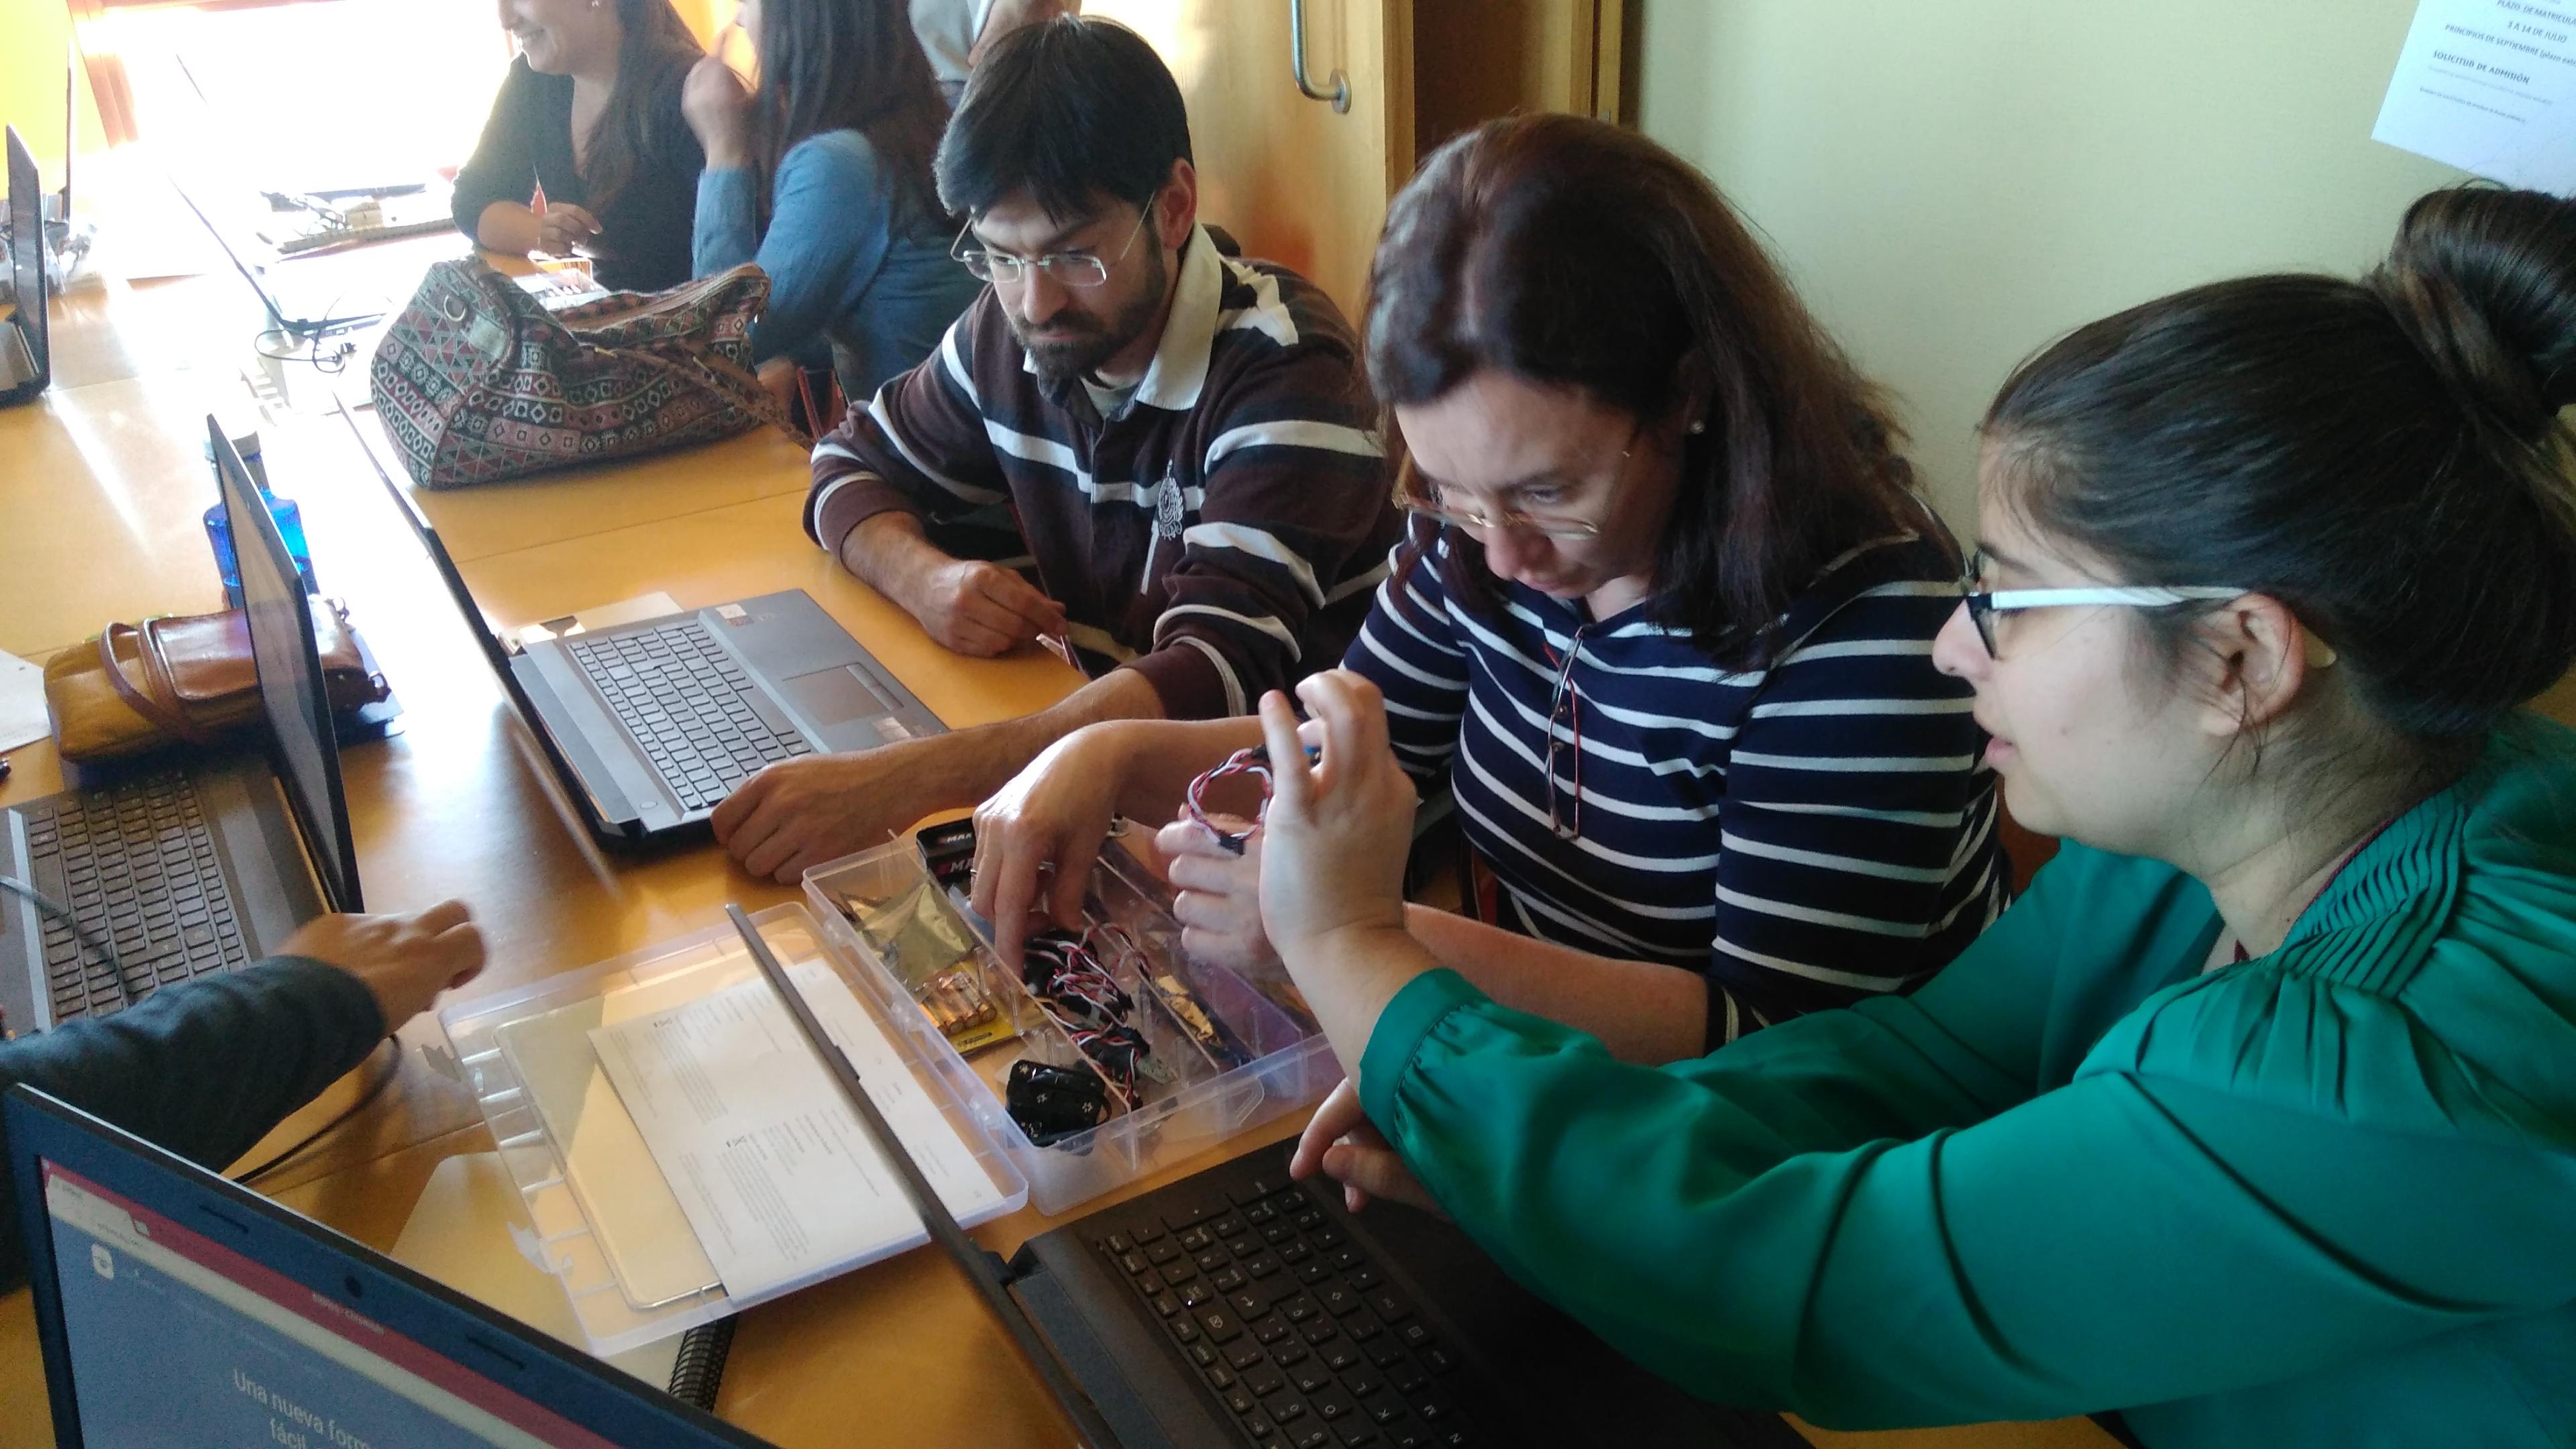 I Jornada de Programación, Robótica e Impresión 3D en educación para adultos. 04-04-2017 32